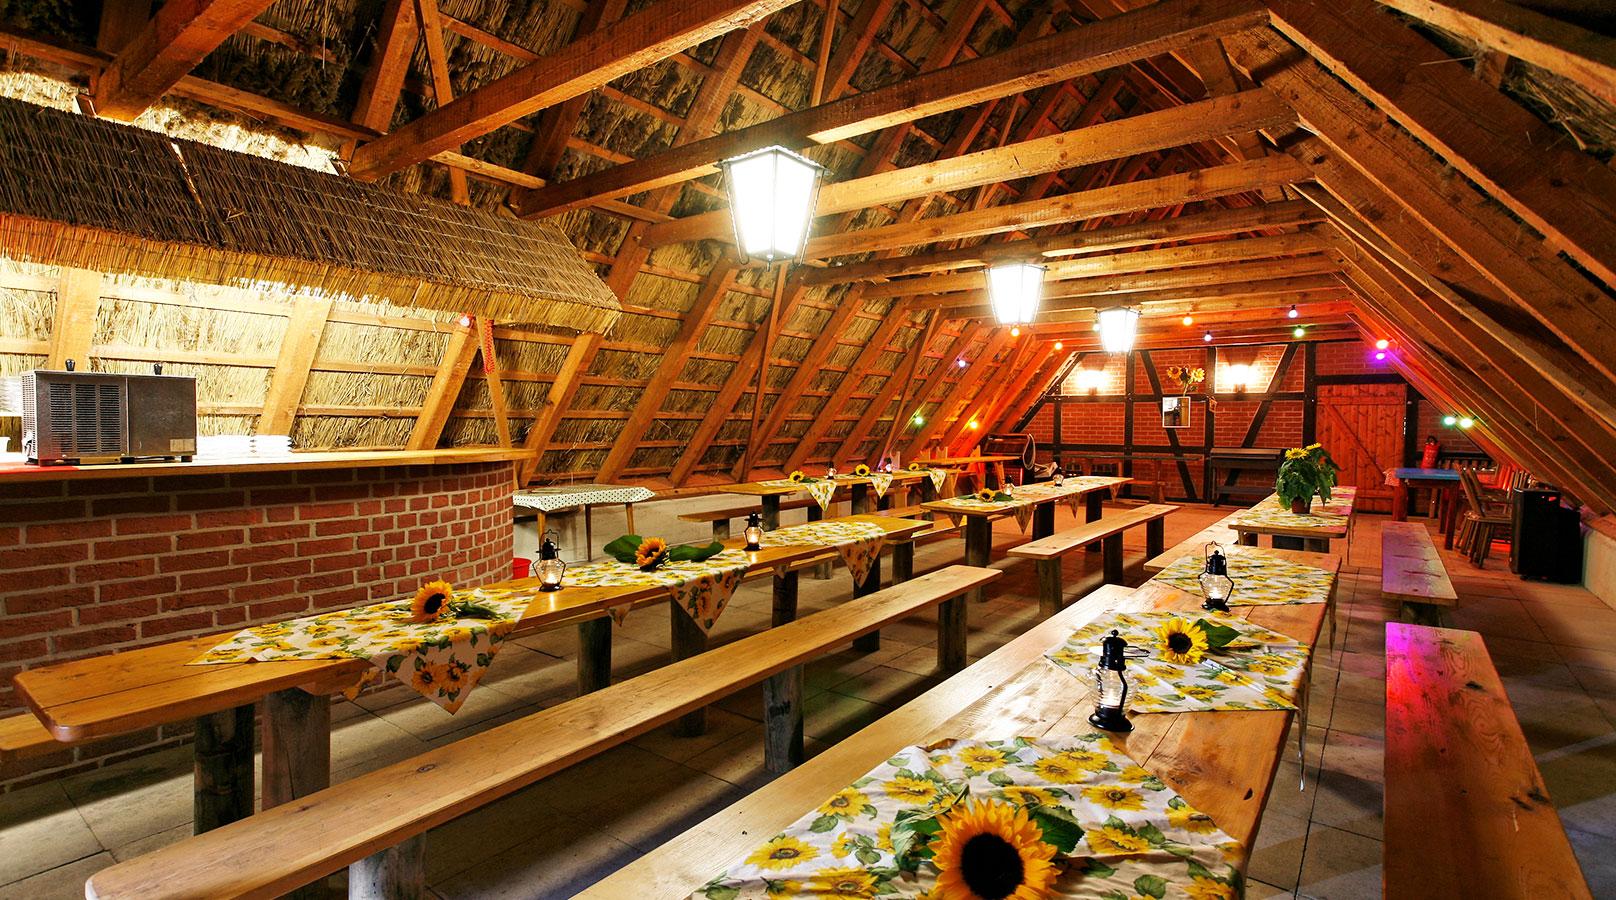 Der Schafstall in Ventschau - Viele Plätze innen und weitere Sitzplätze draußen - hier feiern Sie im rustikalen Stil . Der Schafstall verfügt auch über einen eingebauten Tresen mit Schankanlage und eine Tanzfläche. (Schafstall Lüneburg)